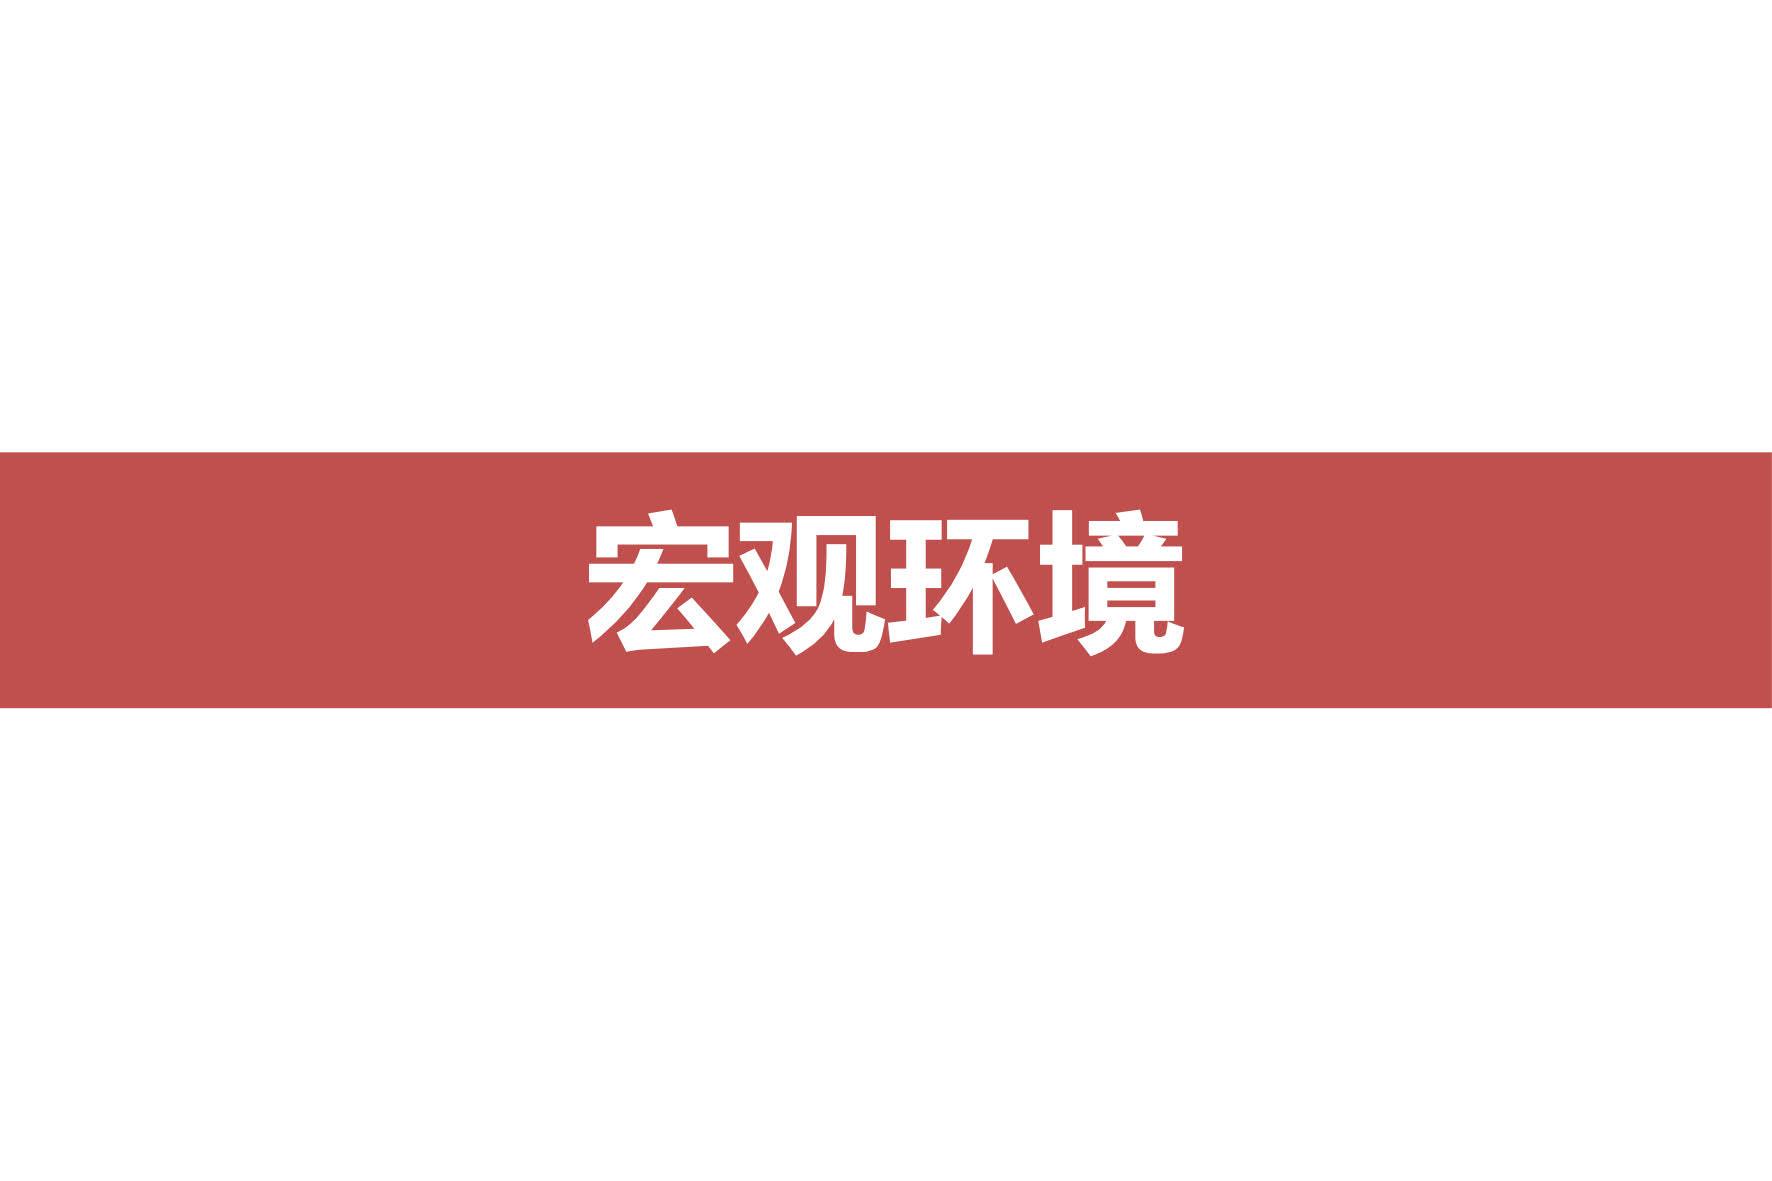 【东莞中原战略研究中心】2018年国庆期间东莞楼市专题研究分析【媒体版】_3.jpg